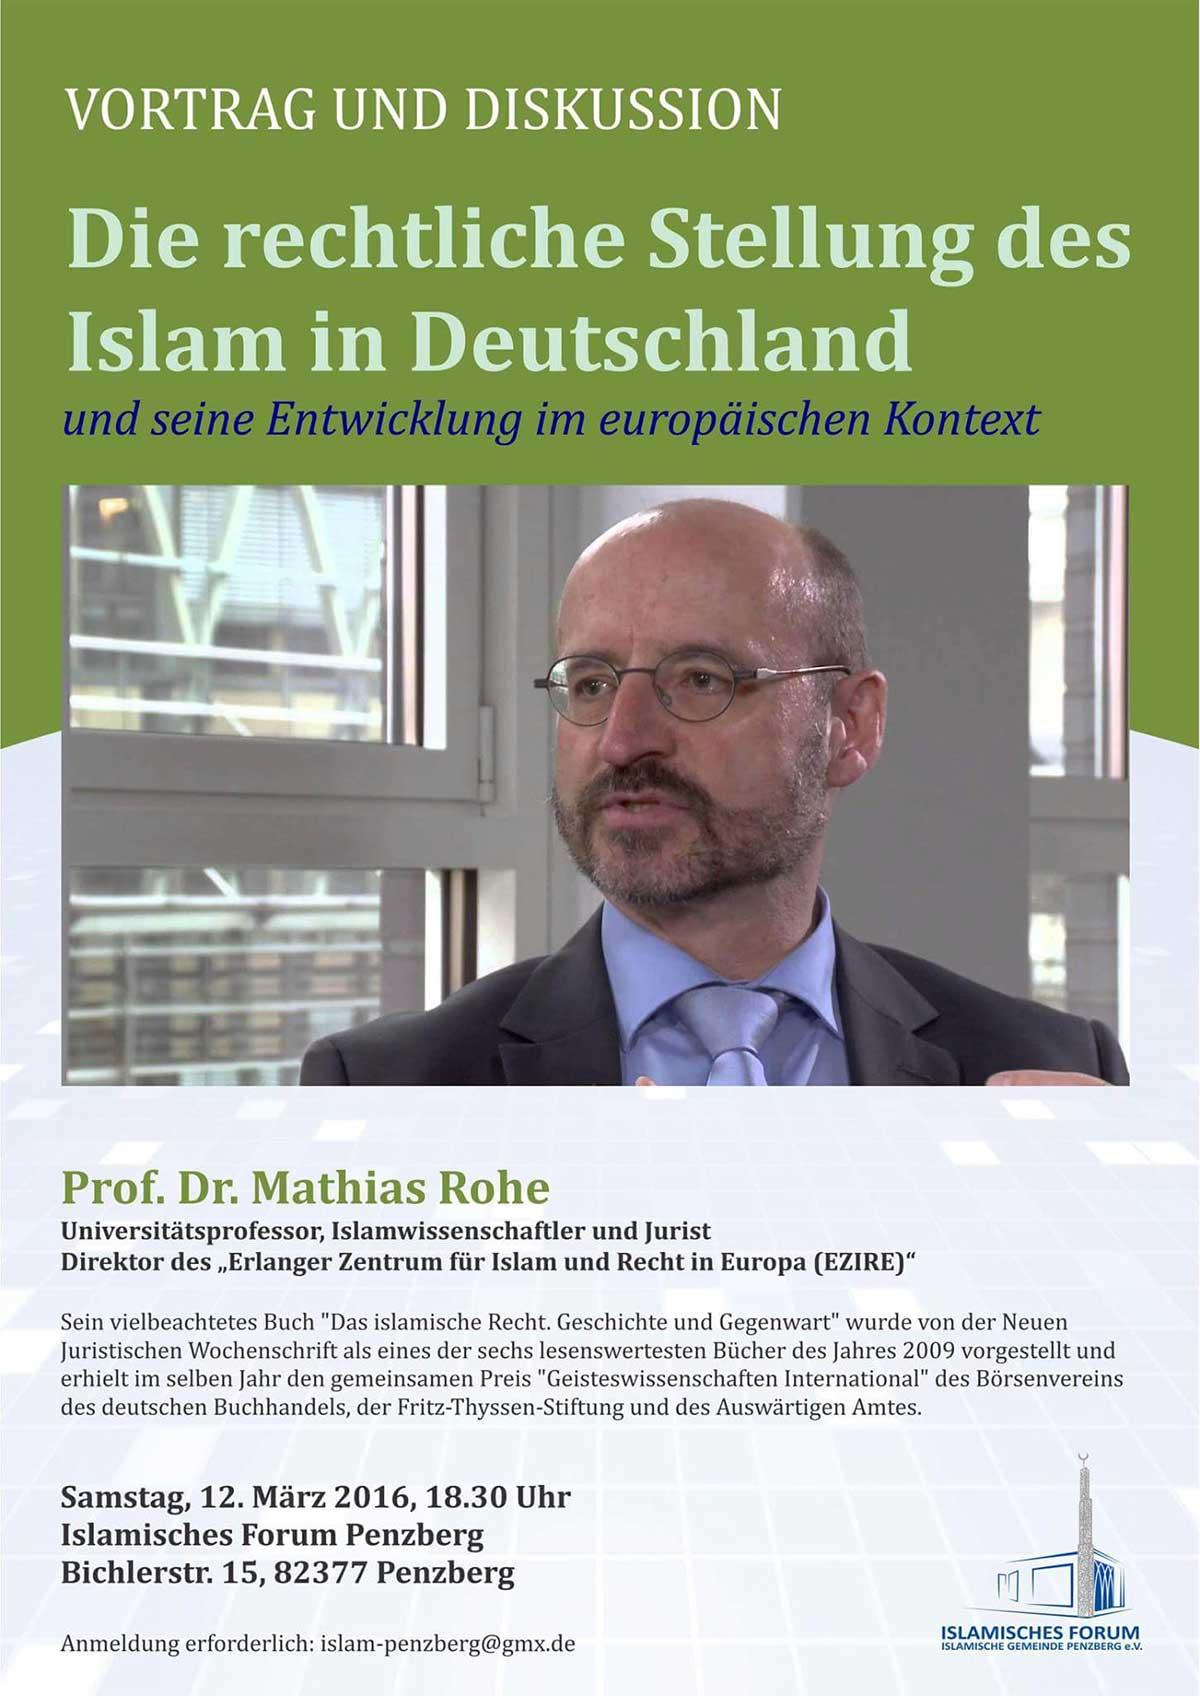 IGP Veranstaltung: Die rechtliche Stellung des Islam in Deutschland